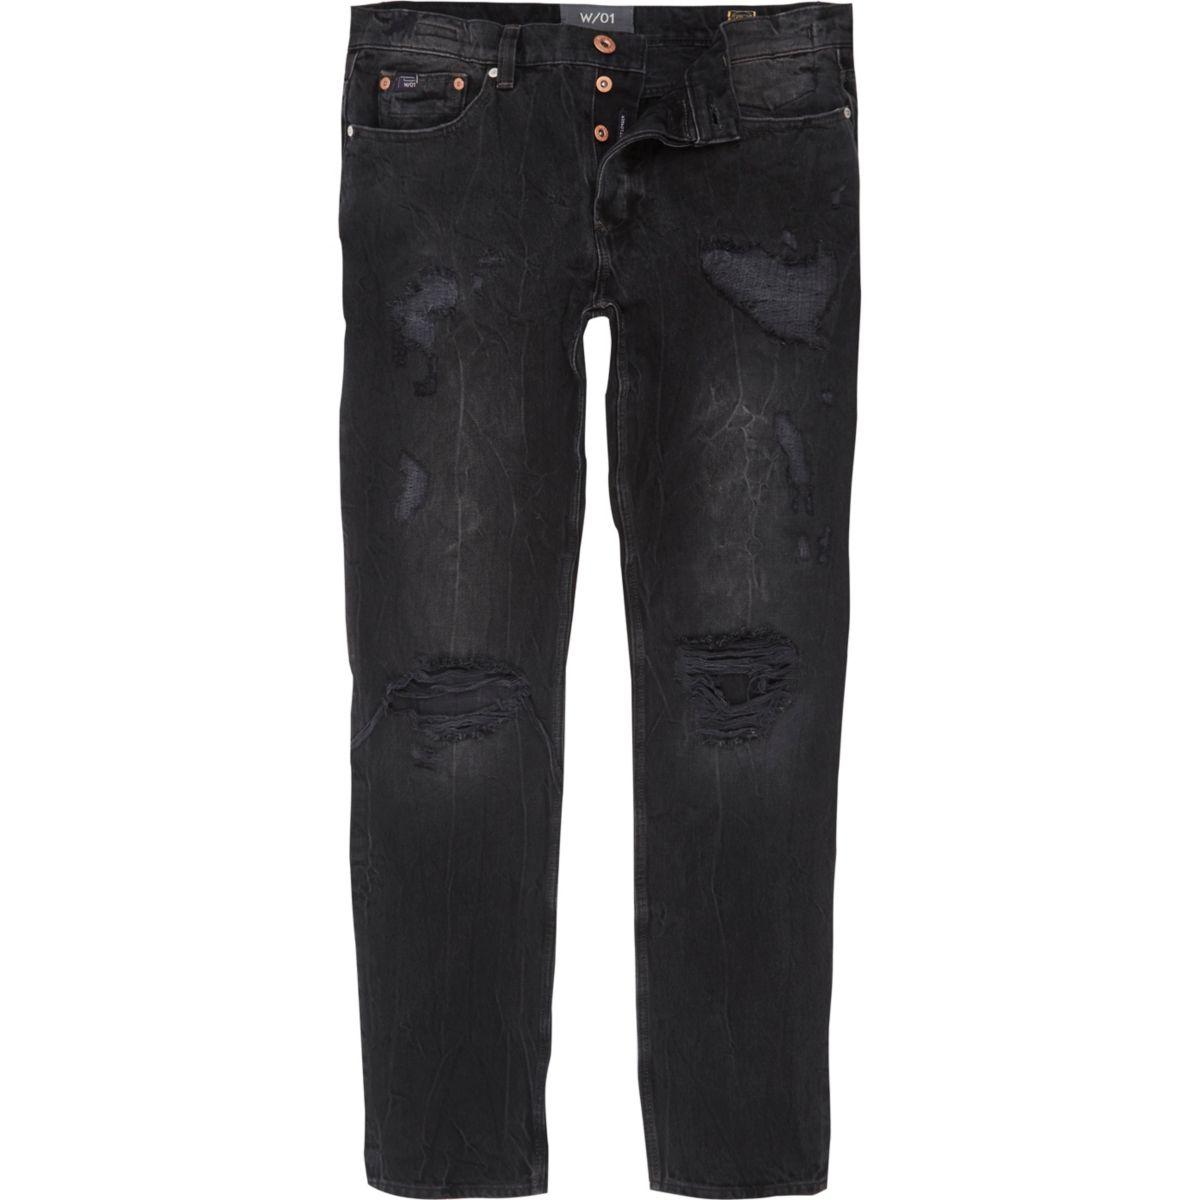 Sid - Zwarte wash ripped skinny warp jeans met kleurvervaging